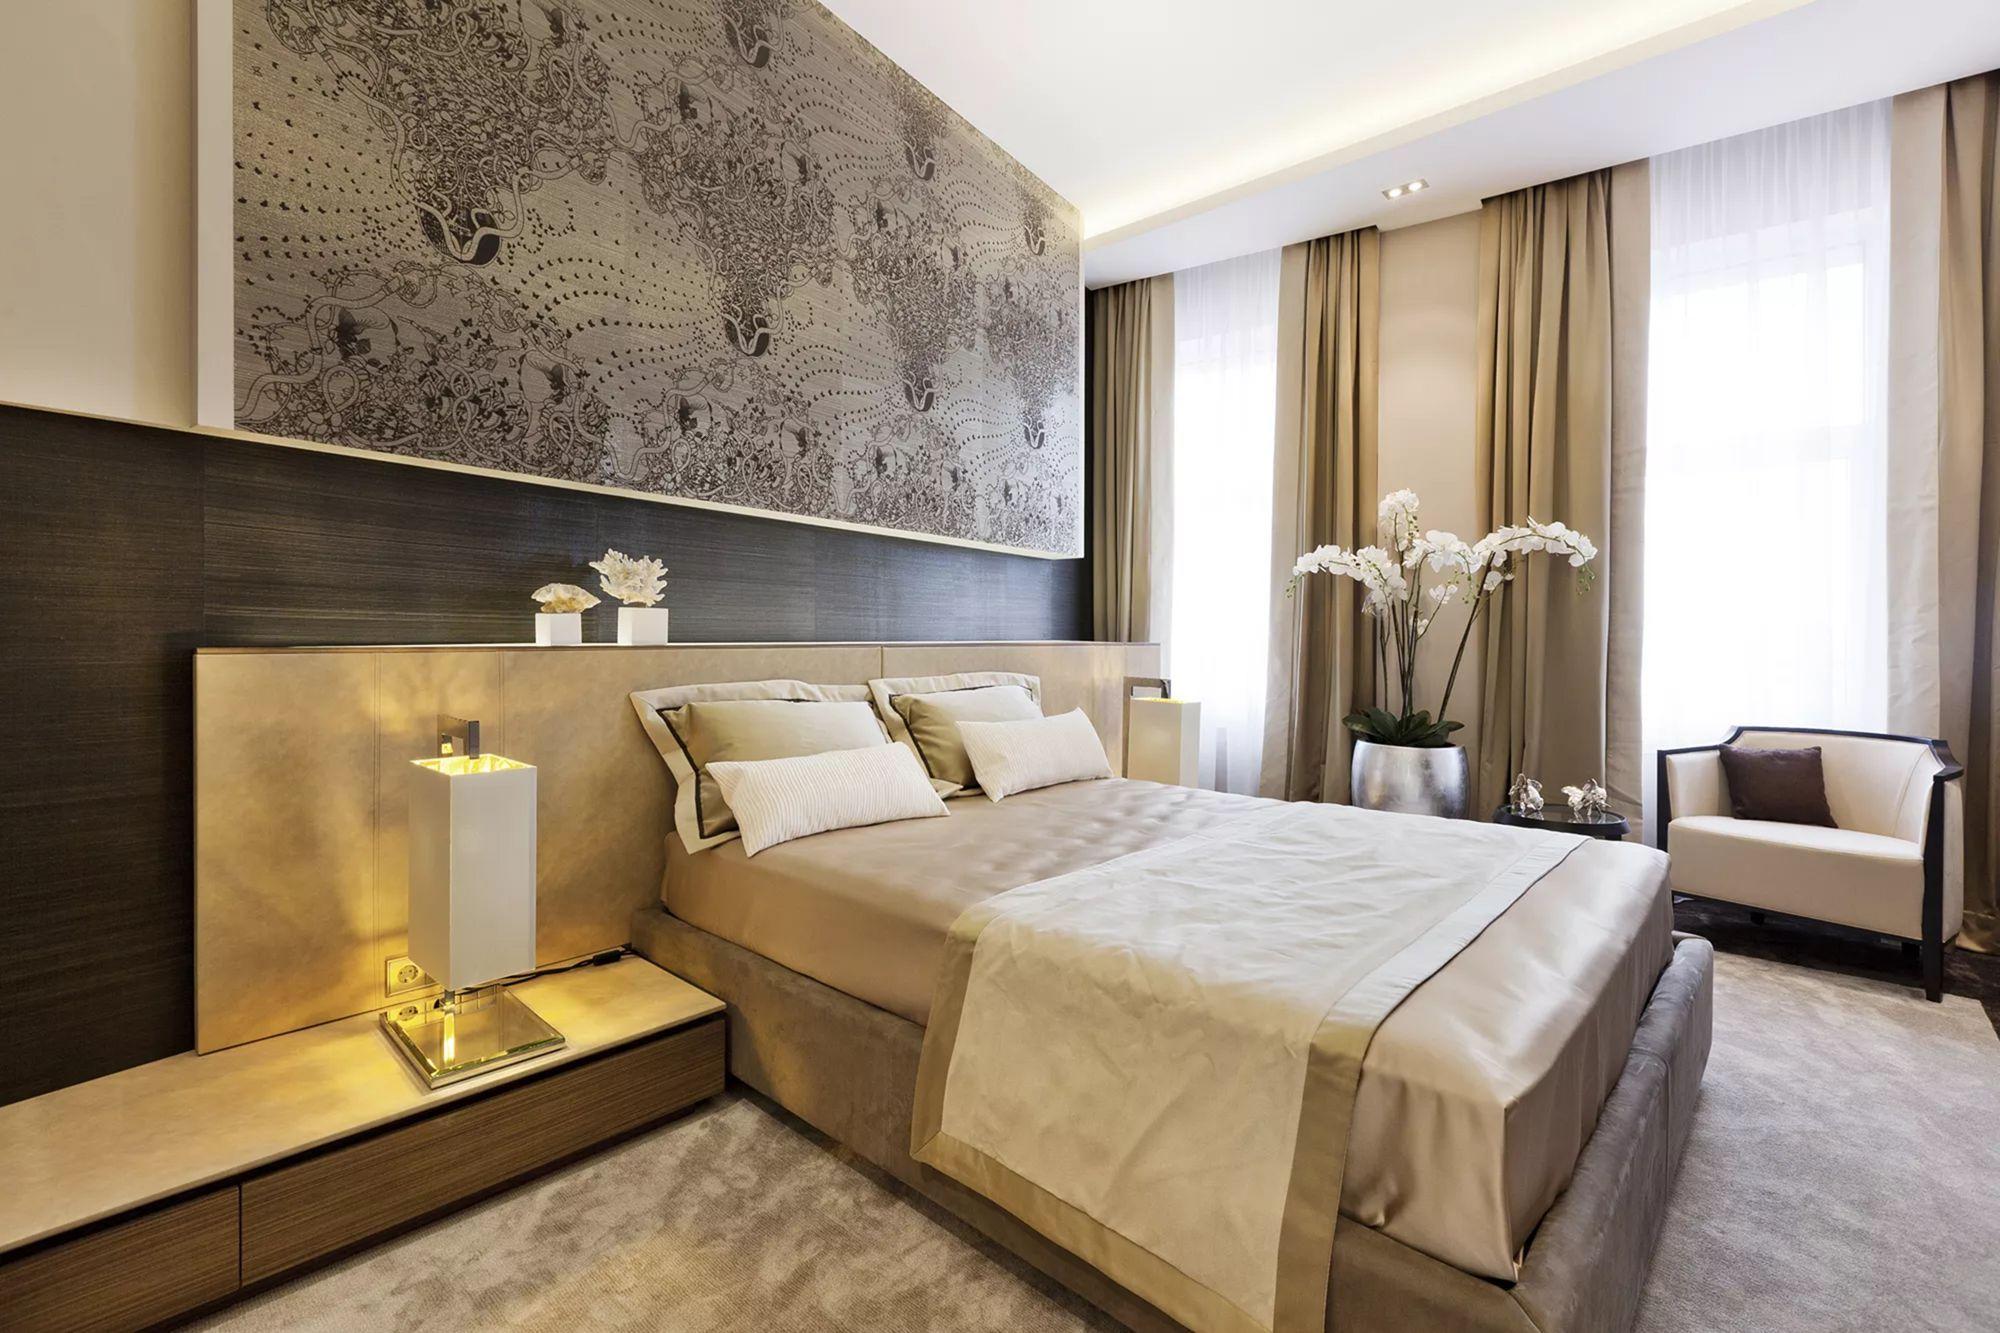 В этом стиле классическим считается сочетание бронзового и золотого цвета